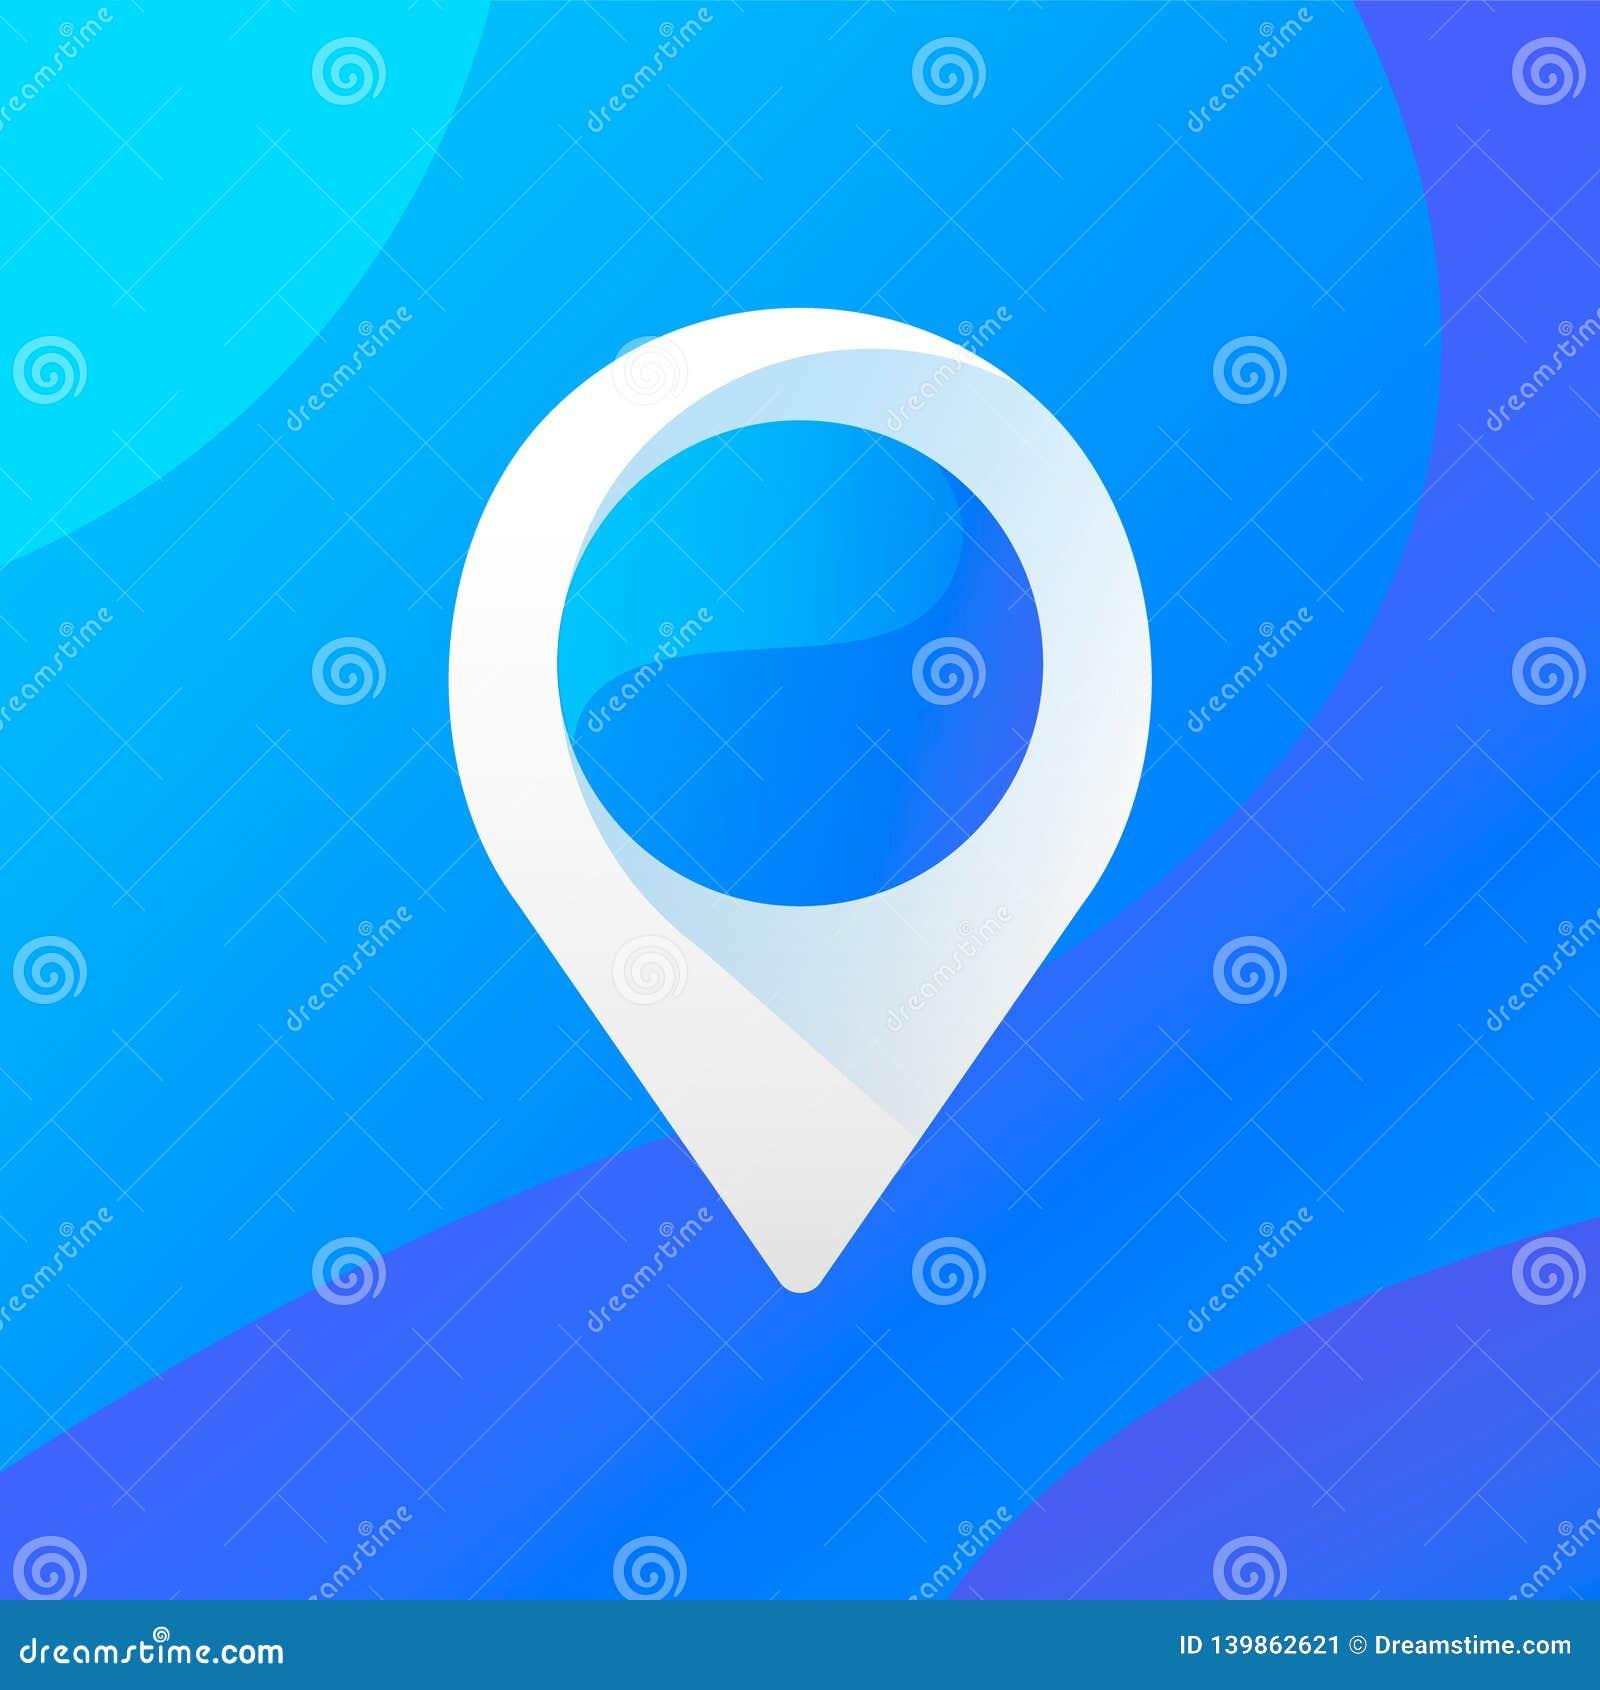 Point icon / logo. Ui design